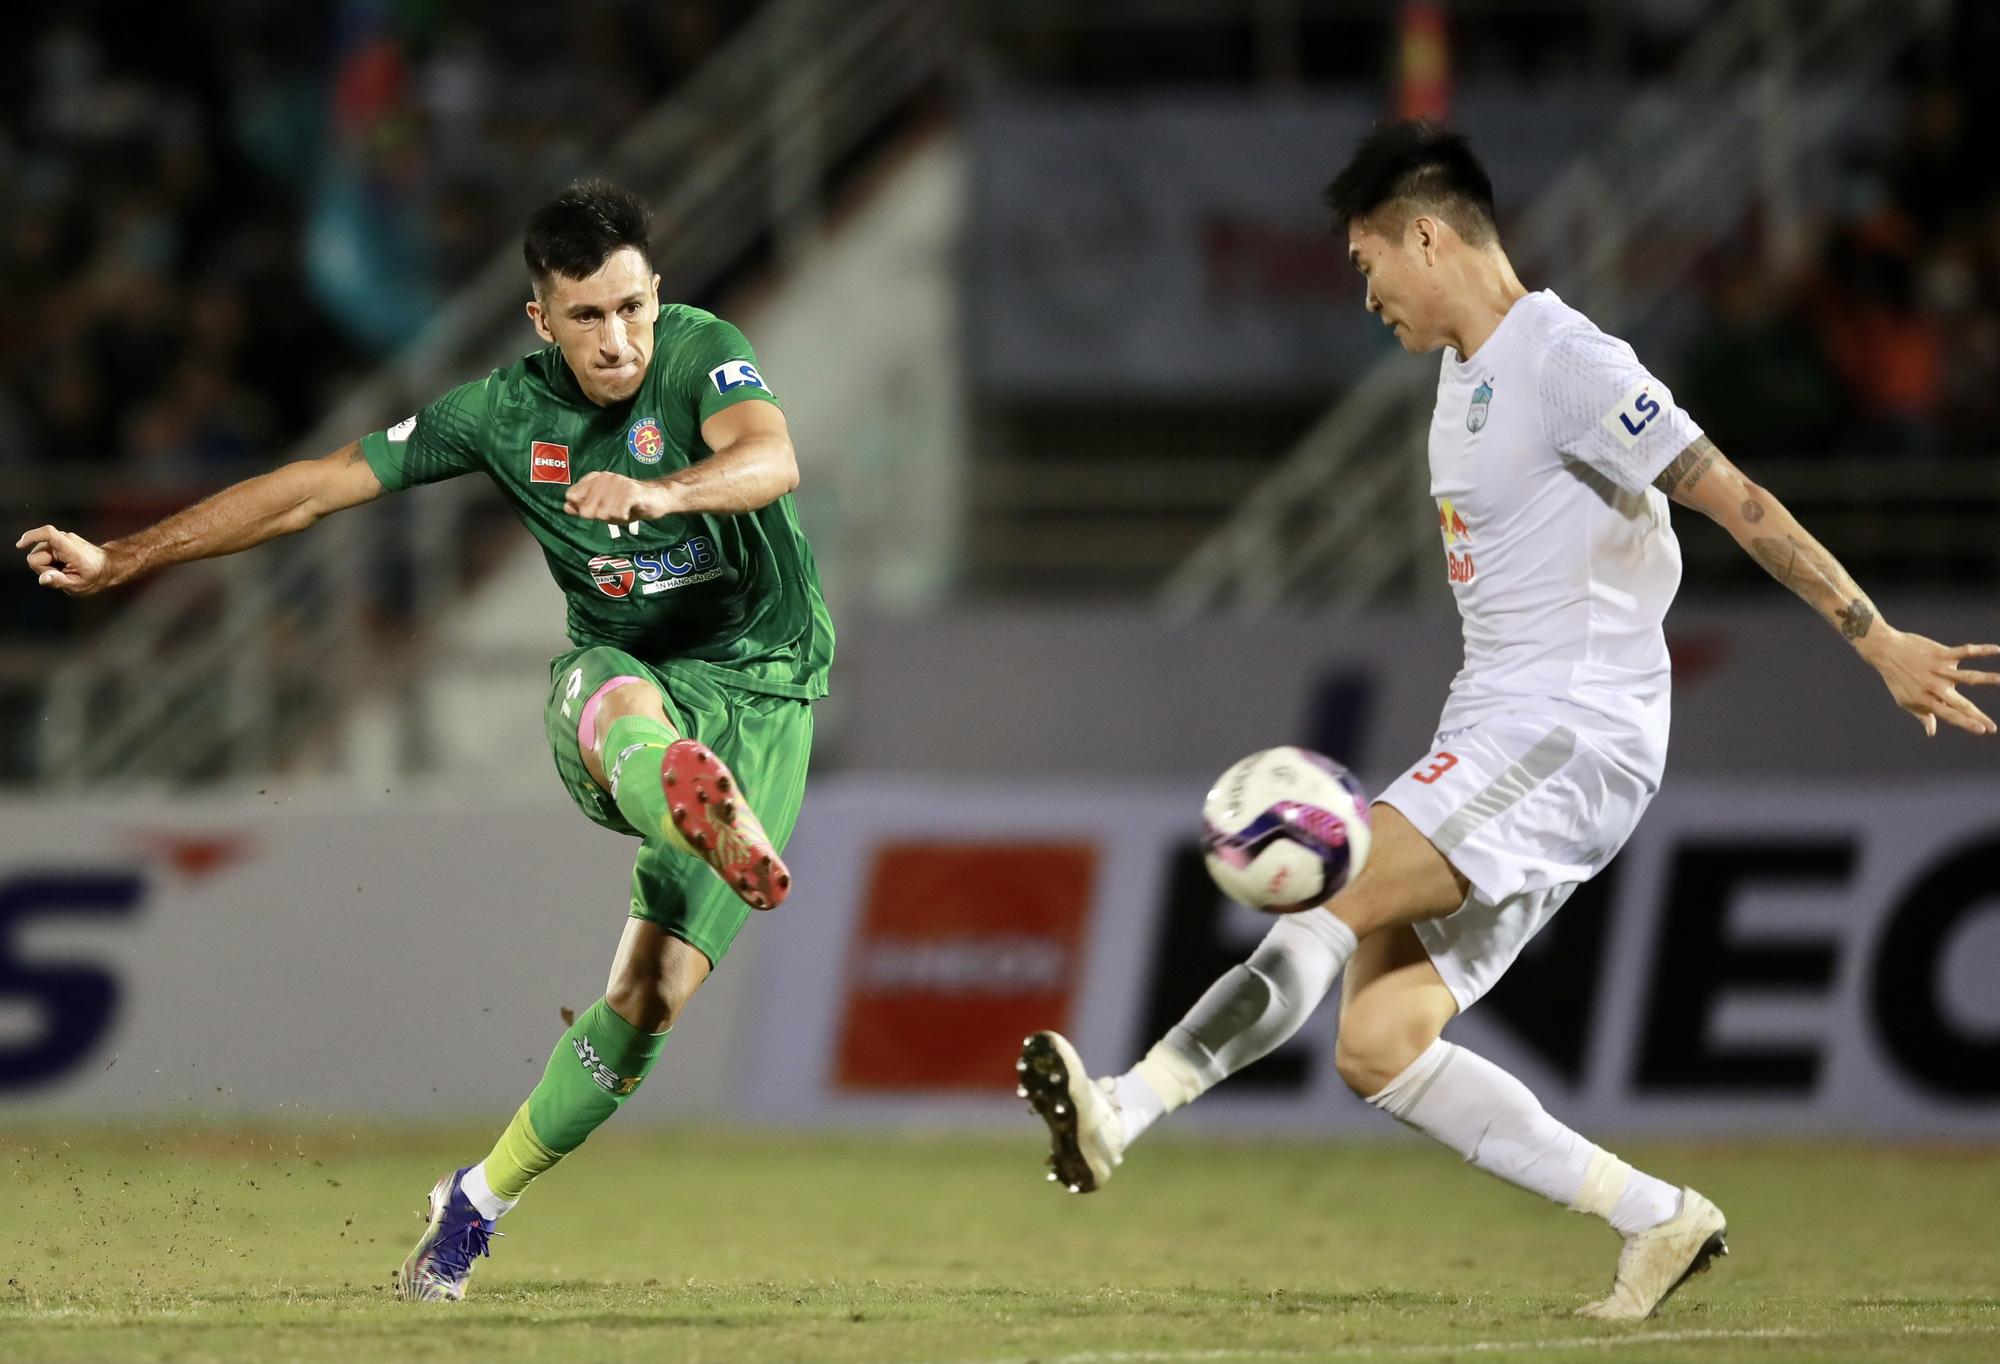 Đỗ Merlo cứa lòng hiểm hóc ghi bàn duy nhất giúp Sài Gòn FC đá bại HAGL ở trận ra quân V.League 2021. Ảnh: Zing